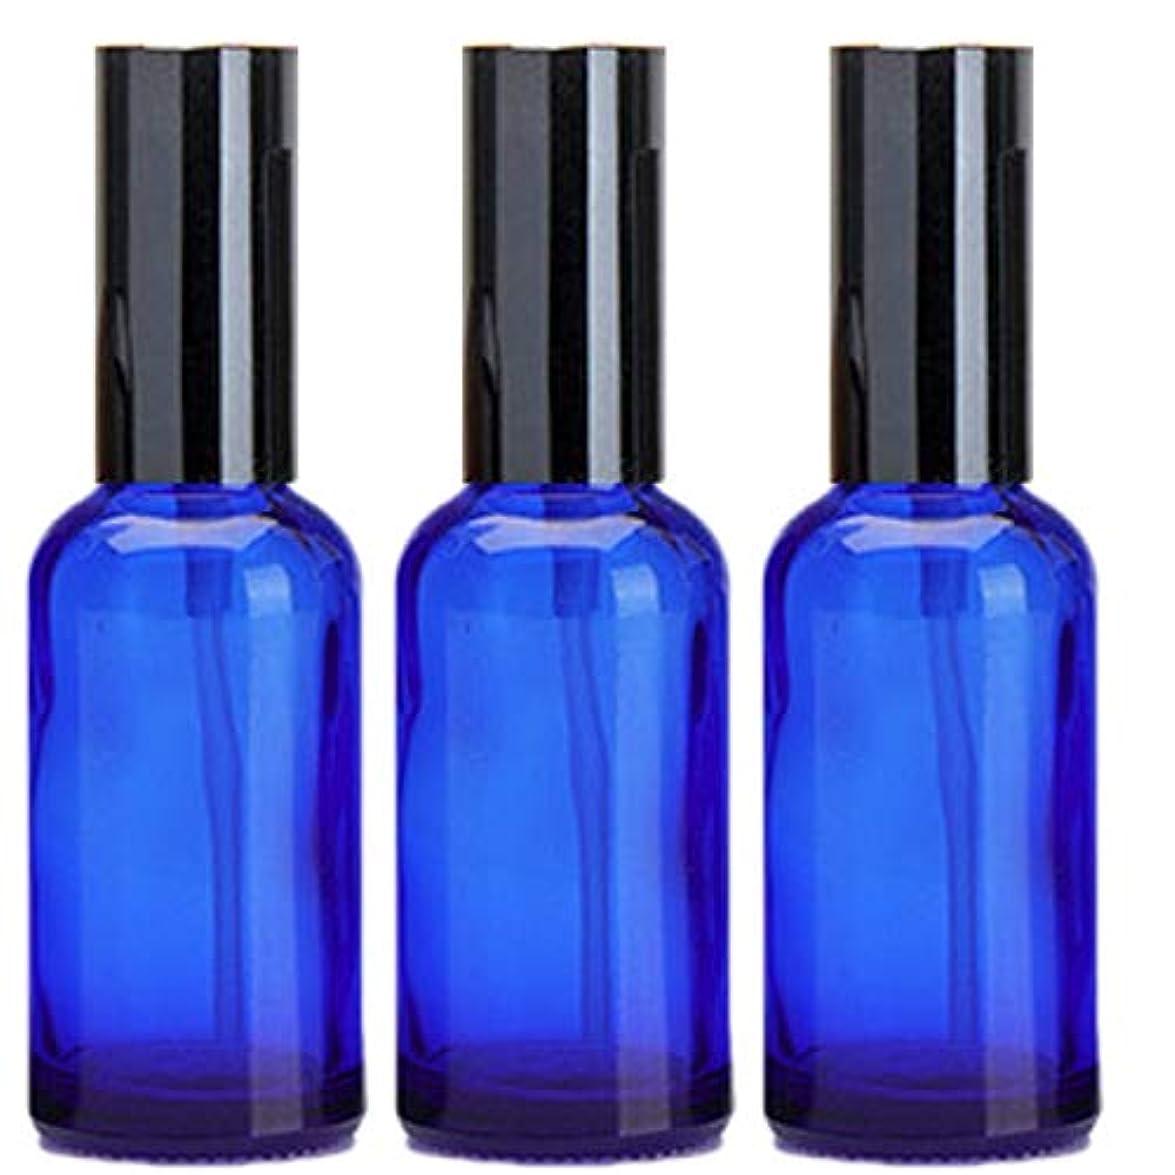 ラバ無効にする食器棚乳液 ボトル 3本セット クリーム容器 アロマクリーム ハンドクリーム 遮光瓶 ガラス 瓶 アロマ ボトル ビン 保存 詰替え 青色 ブルー (30m?3本)